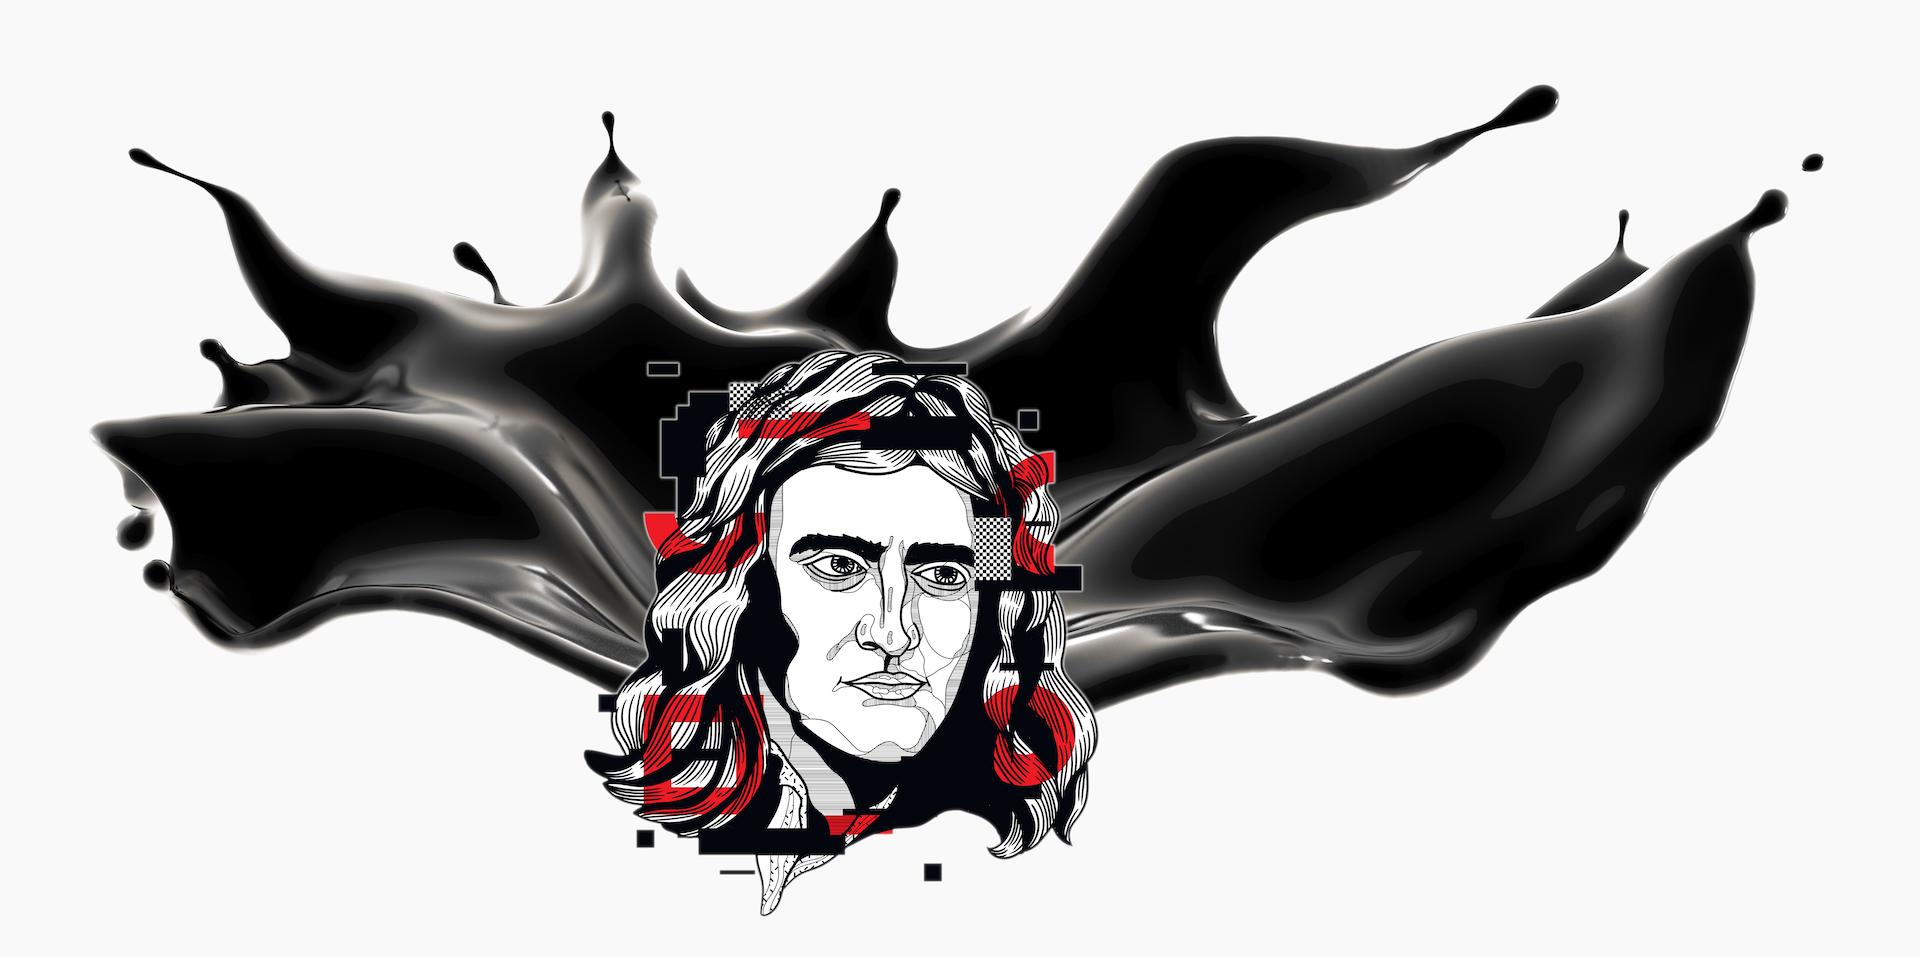 Kolaż przedstawiający grafikę głowy Newtona na tle czarnej plamy farby